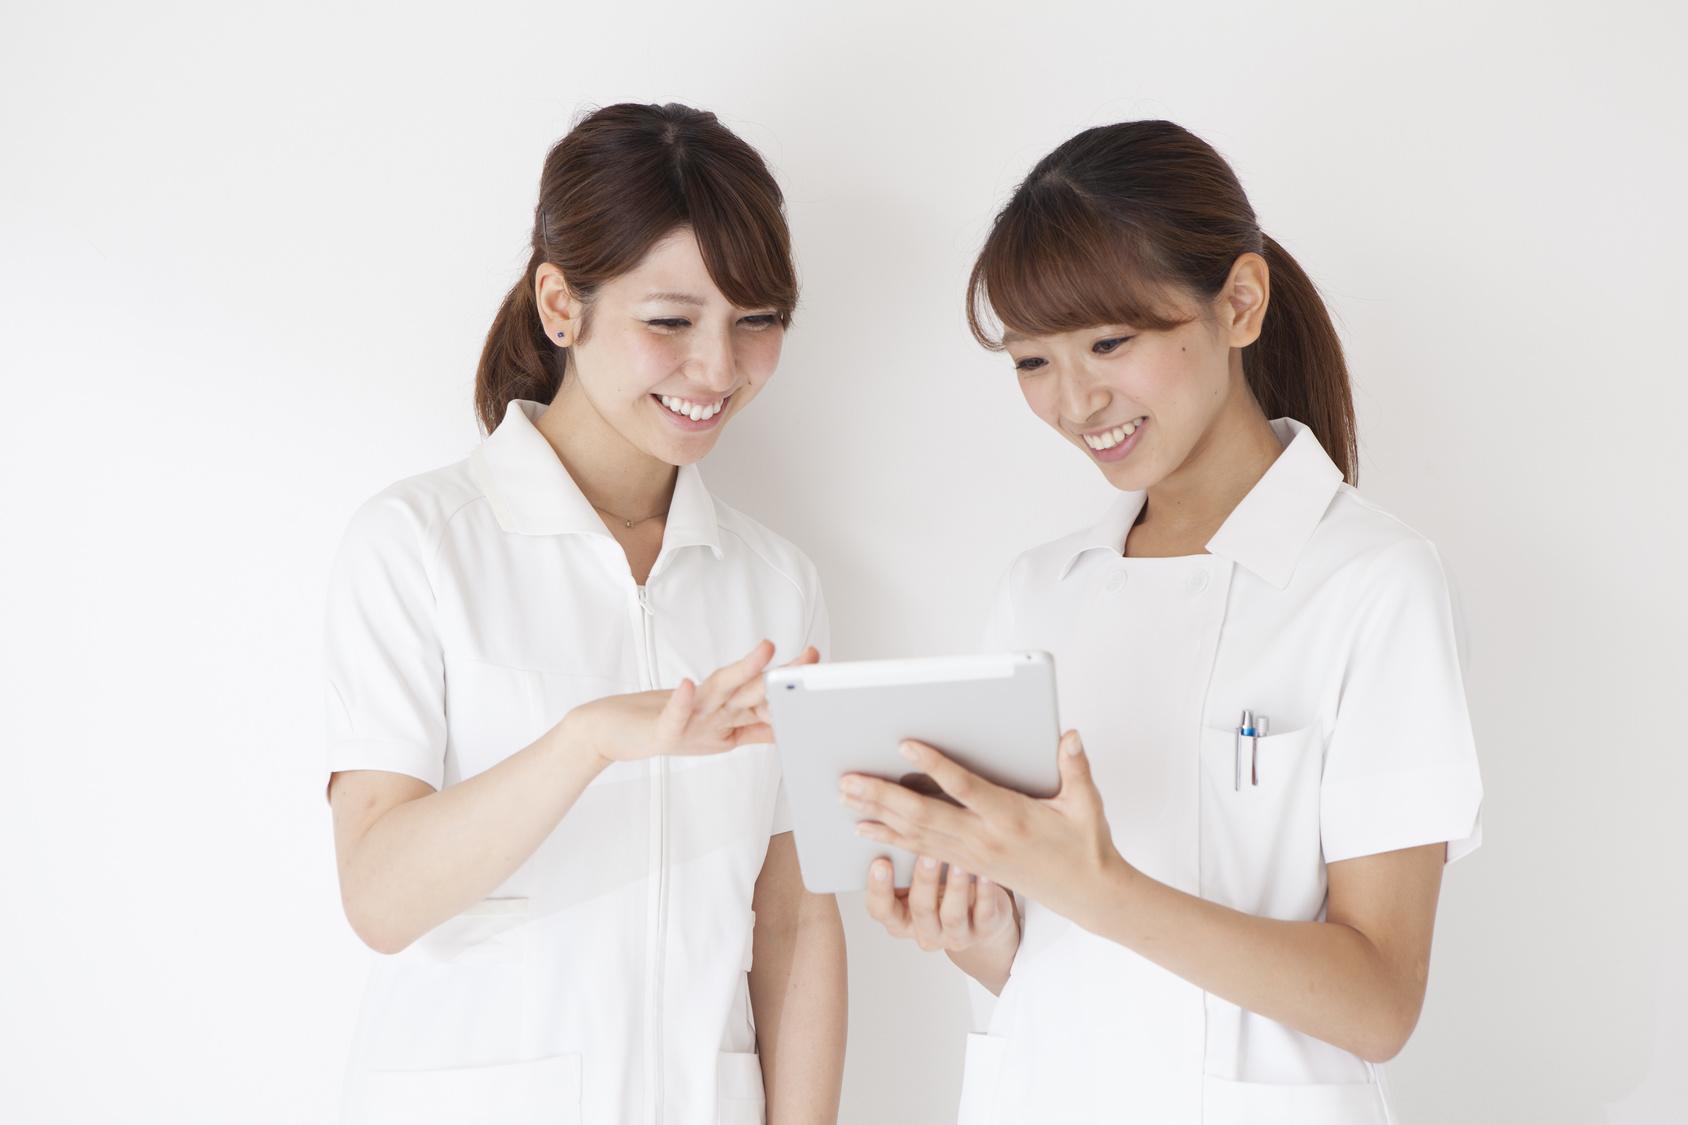 看護学校受験の志望動機書